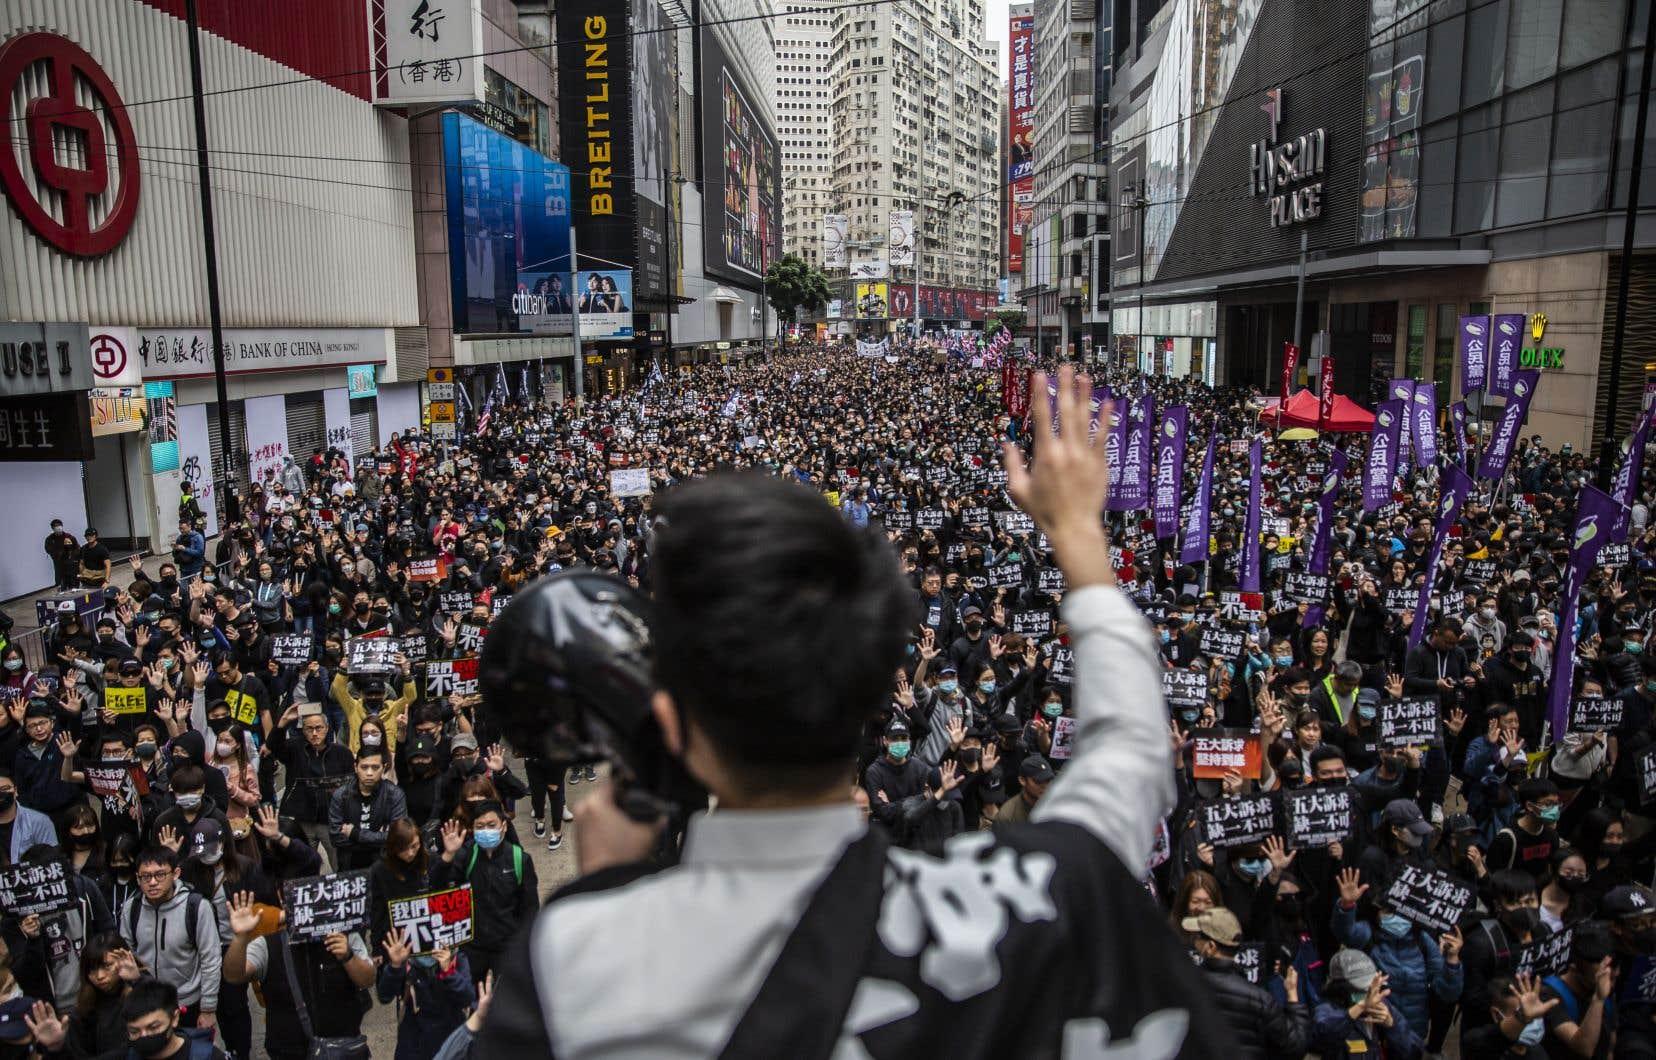 Le texte de loi survient près d'un an après le début de manifestations monstres anti-Pékin à Hong Kong. Les Hongkongais essaient de faire perdurer l'élan du mouvement, comme avec cette marche pro-démocratie le 1er janvier 2020 qui avait rassemblé des dizaines de milliers de protestataires.